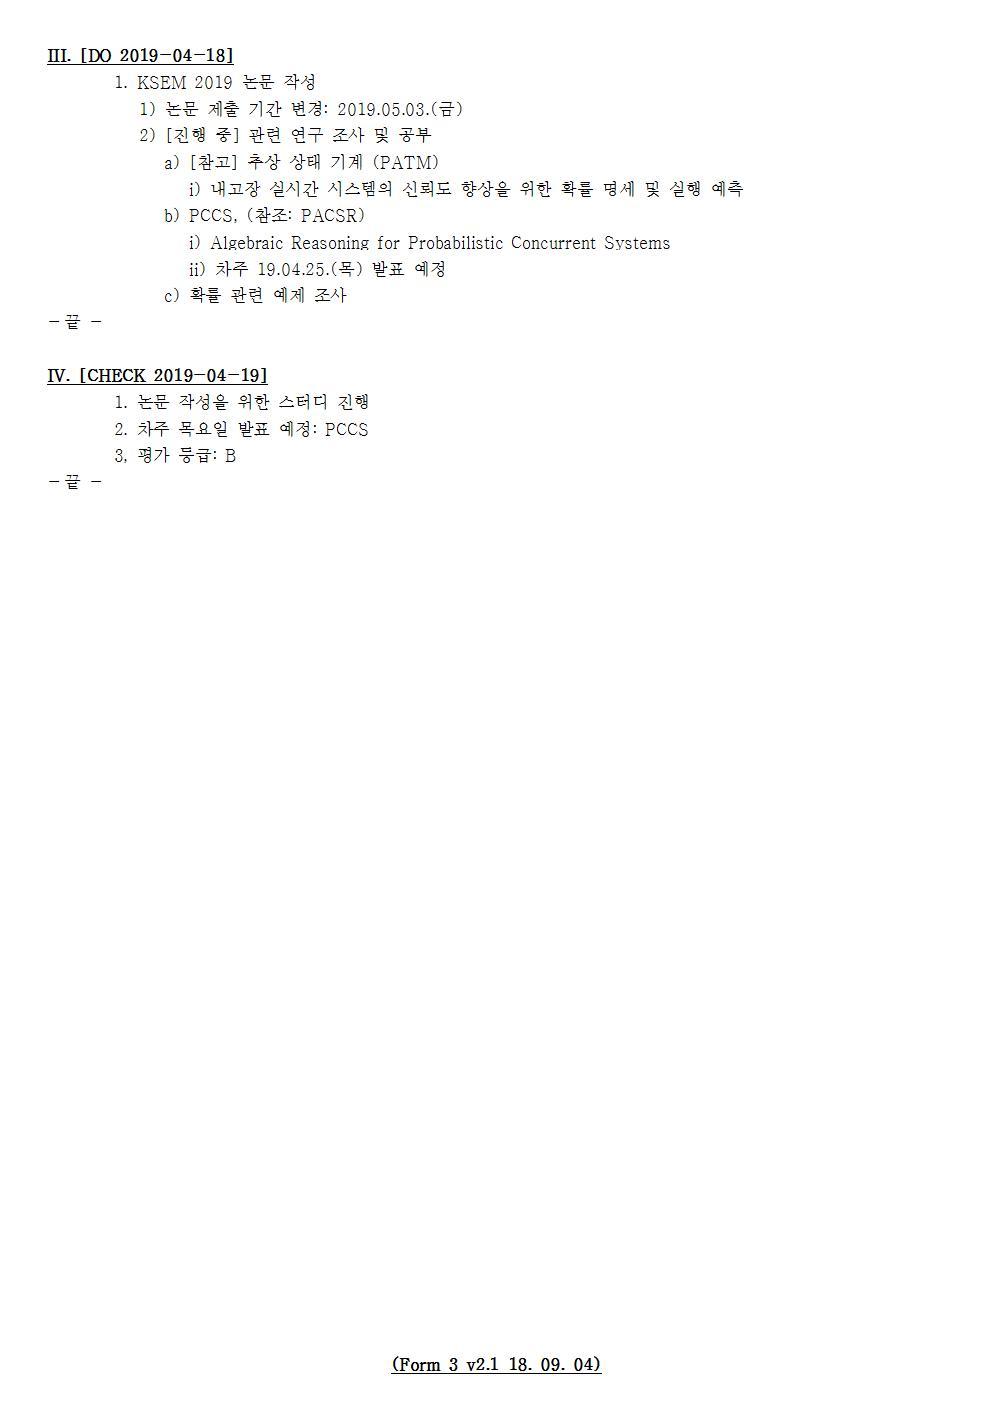 D-[19-028-PP-10]-[KSEM 2019]-[2019-04-19][JS]002.jpg